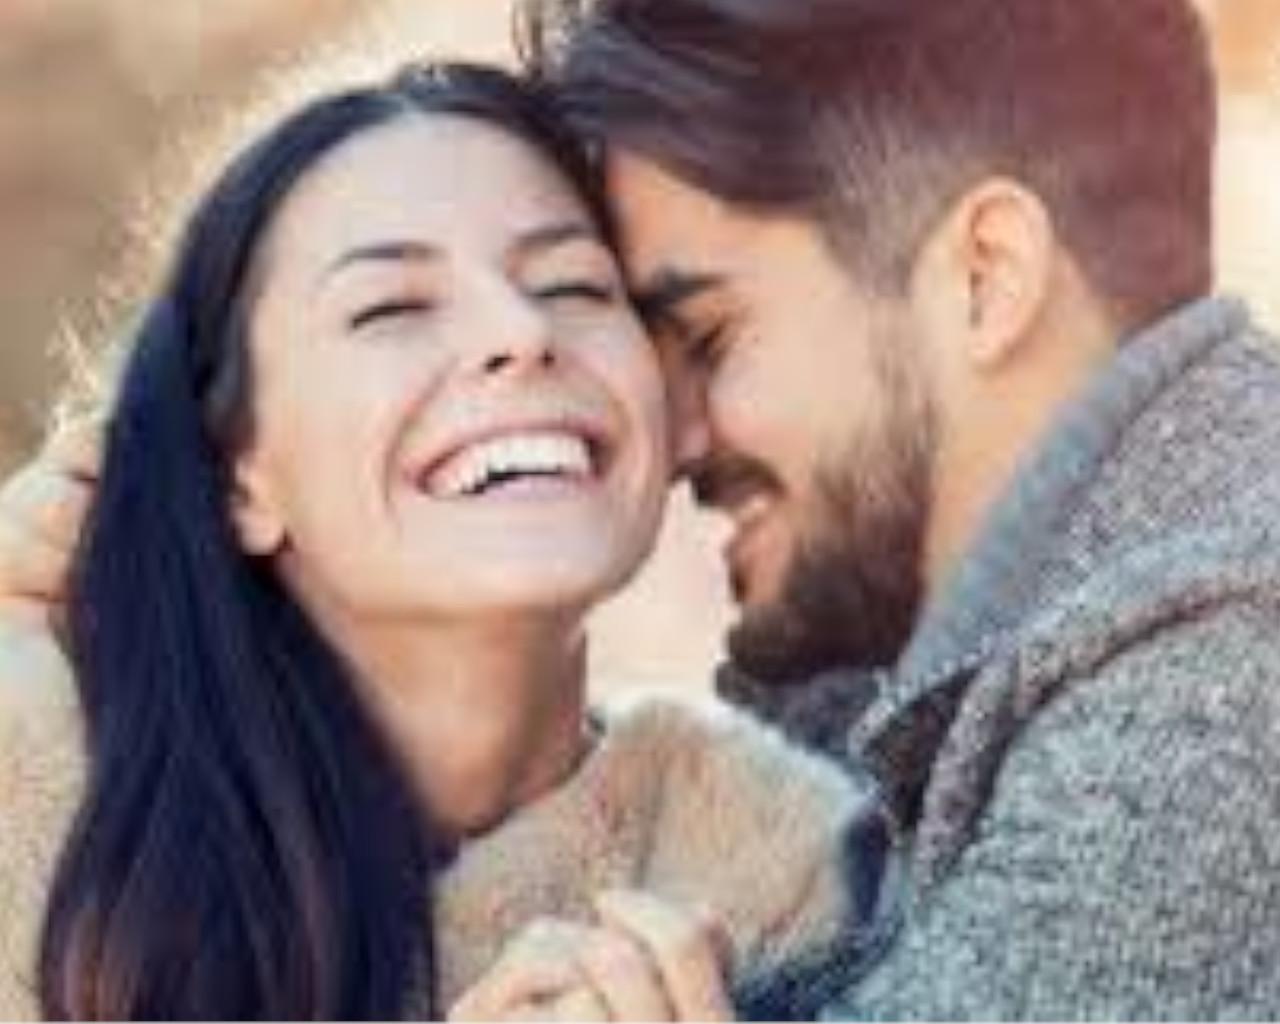 σχέση, φιλία, φιλία και σχέση, αγάπη στη σχέση, φλερτ και σχέση